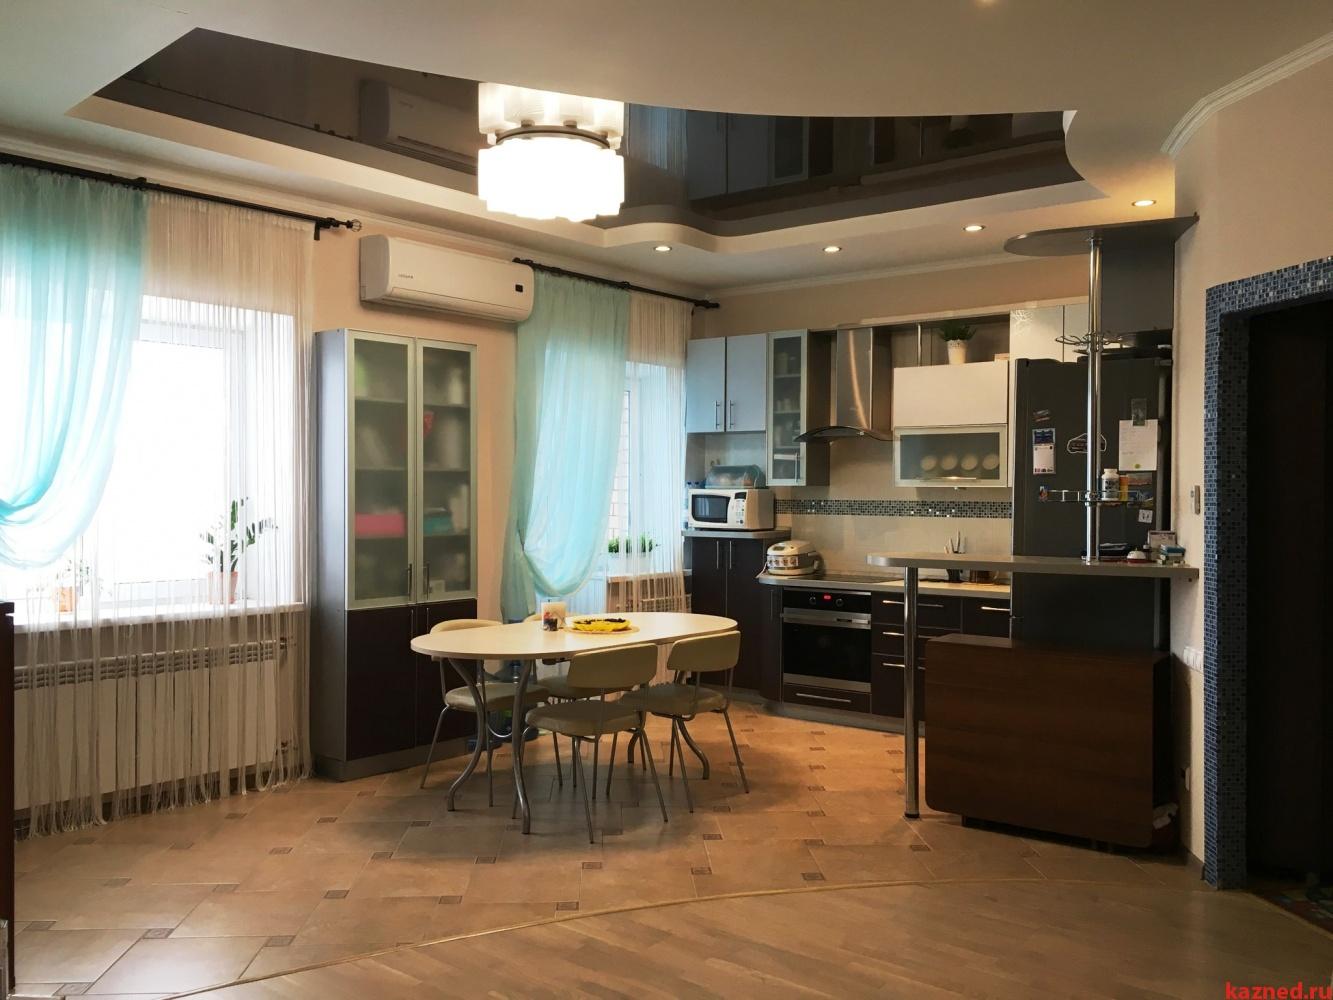 Продажа 4-к квартиры Чистопольская, д.38, 140 м²  (миниатюра №3)